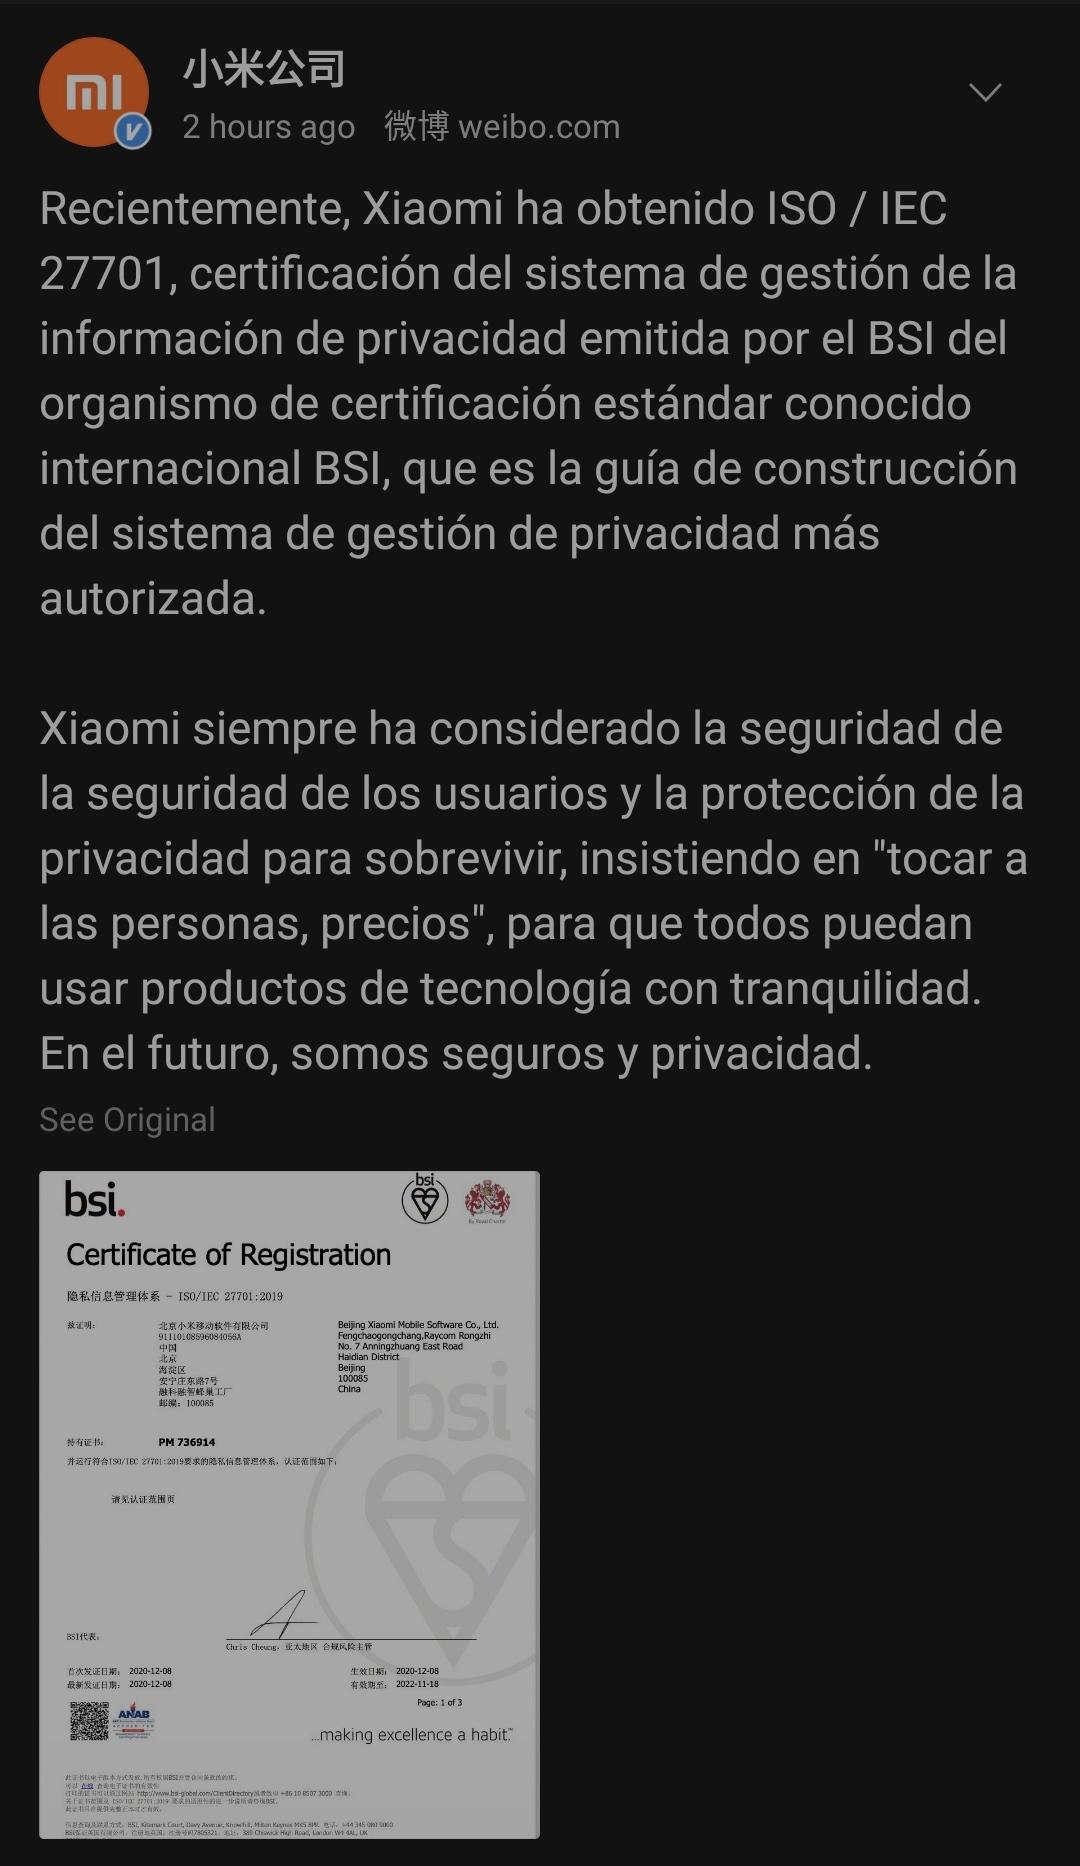 Xiaomi obtiene la mayor certificación de gestión de información y privacidad que se puede otorgar. Noticias Xiaomi Adictos